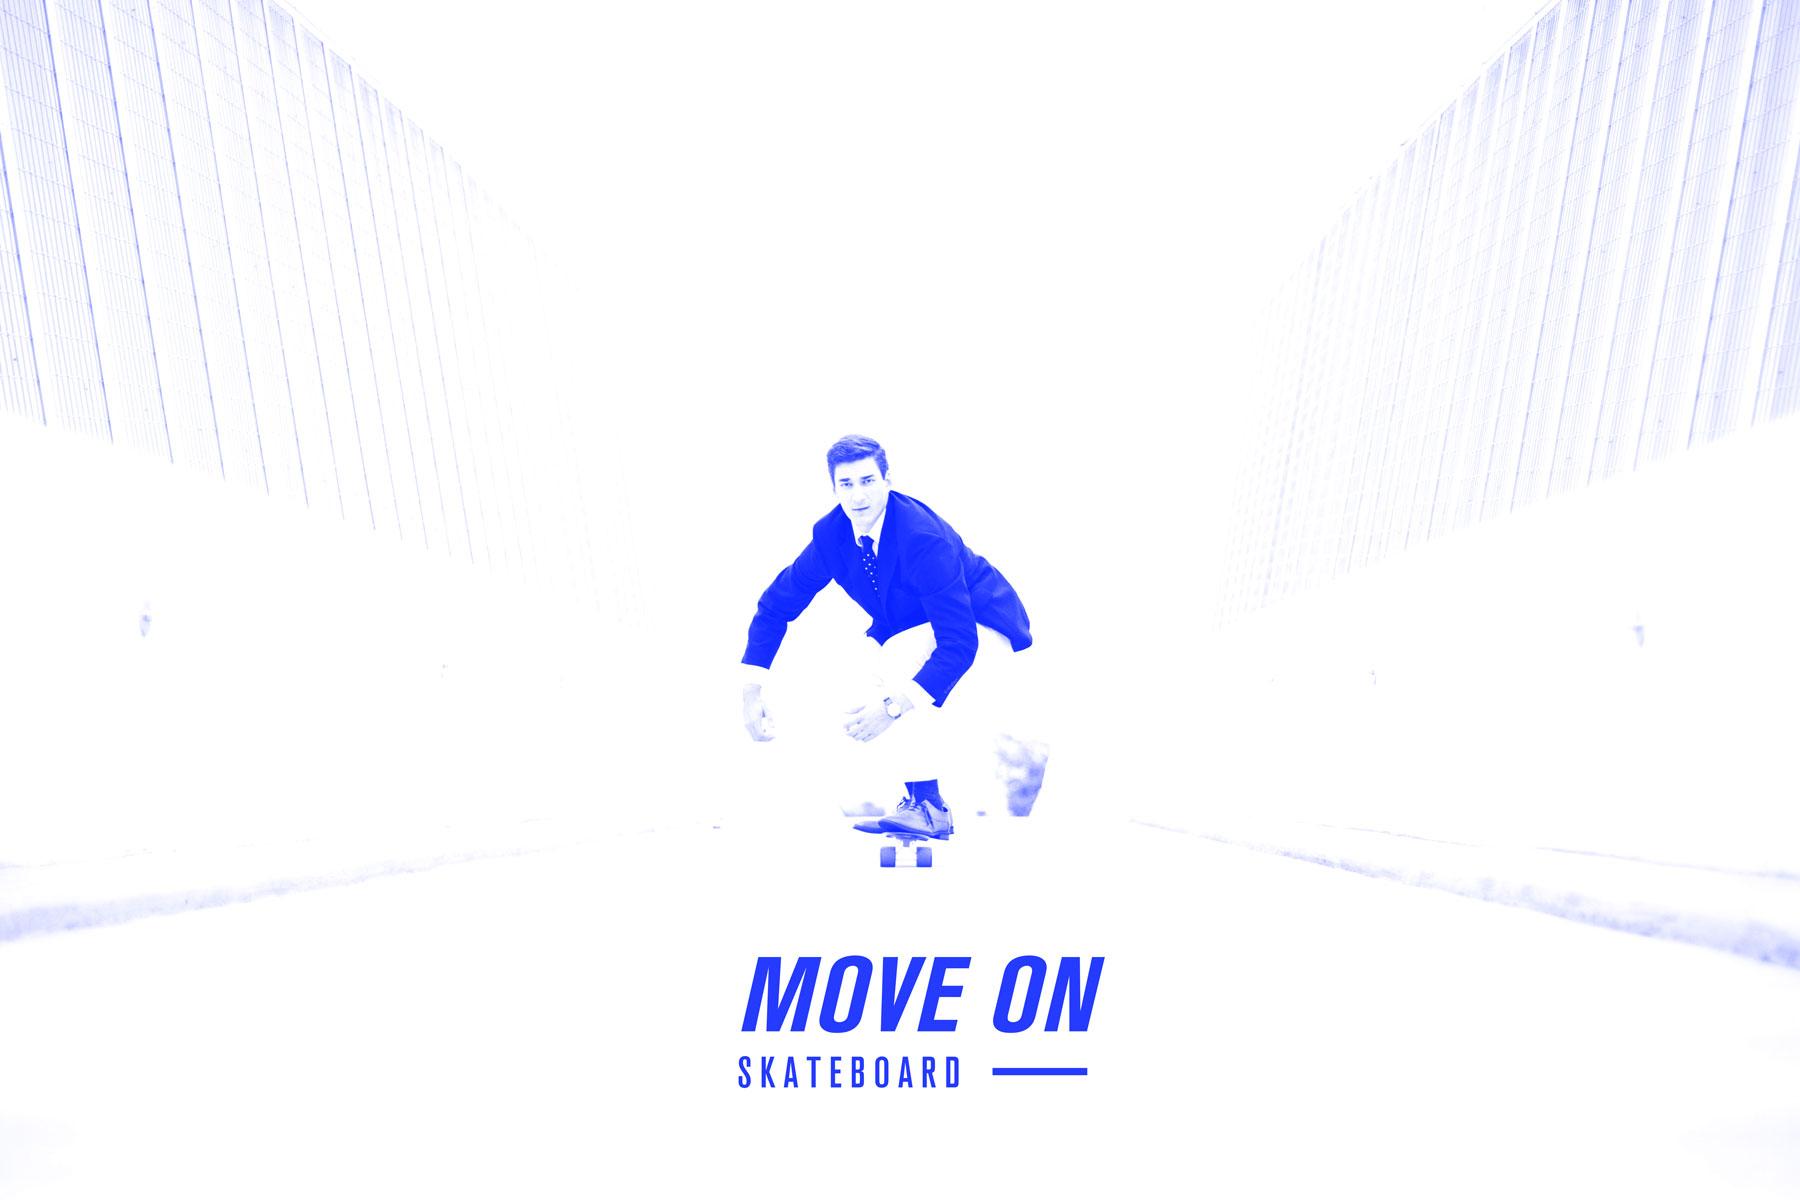 aplicacion imagen grafica logotipo skateboard